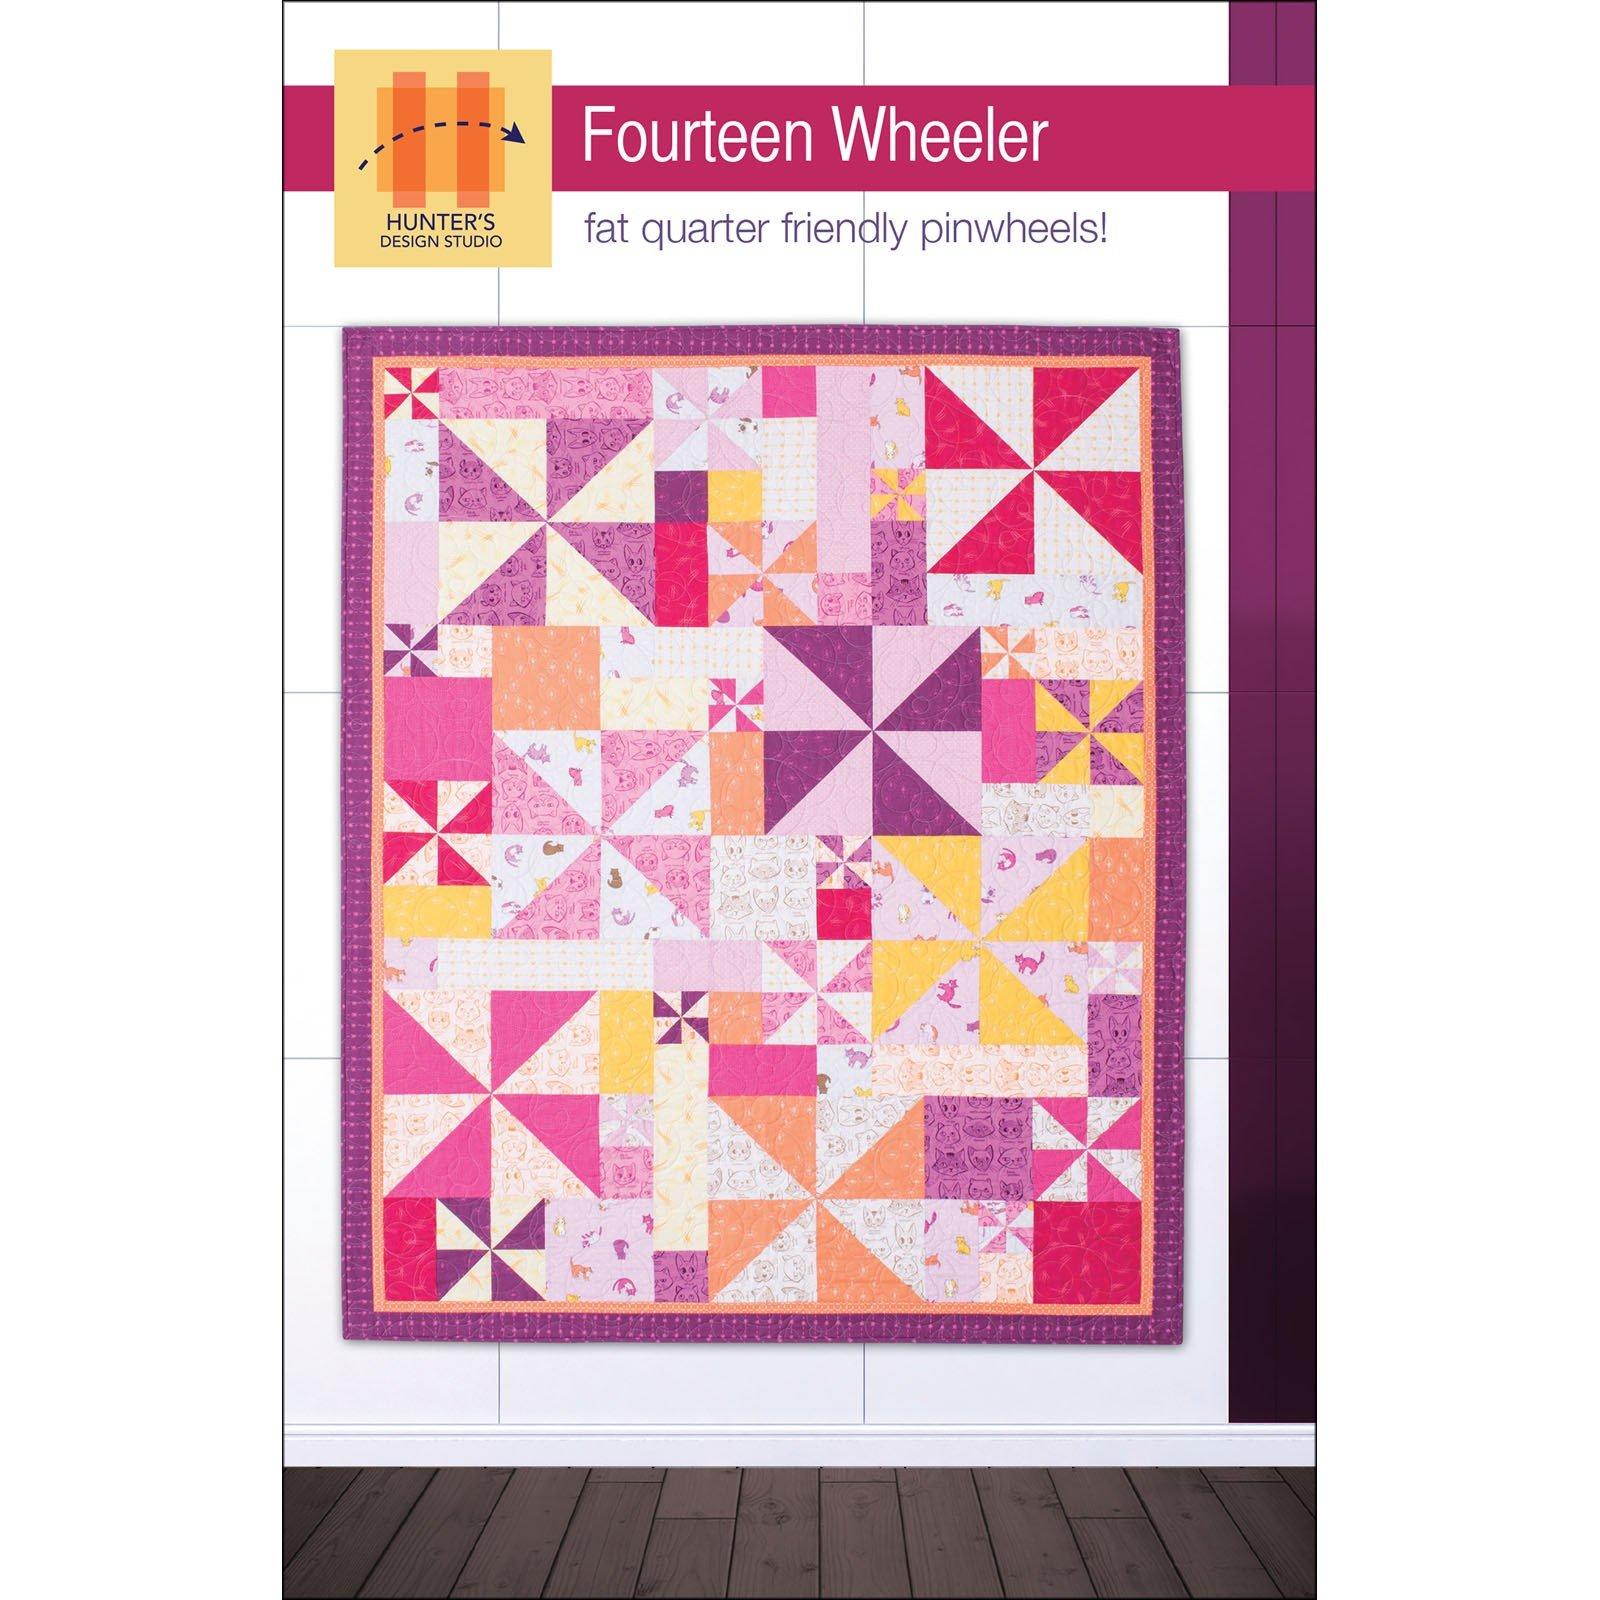 Fourteen Wheeler<br/>Hunter's Design Studio